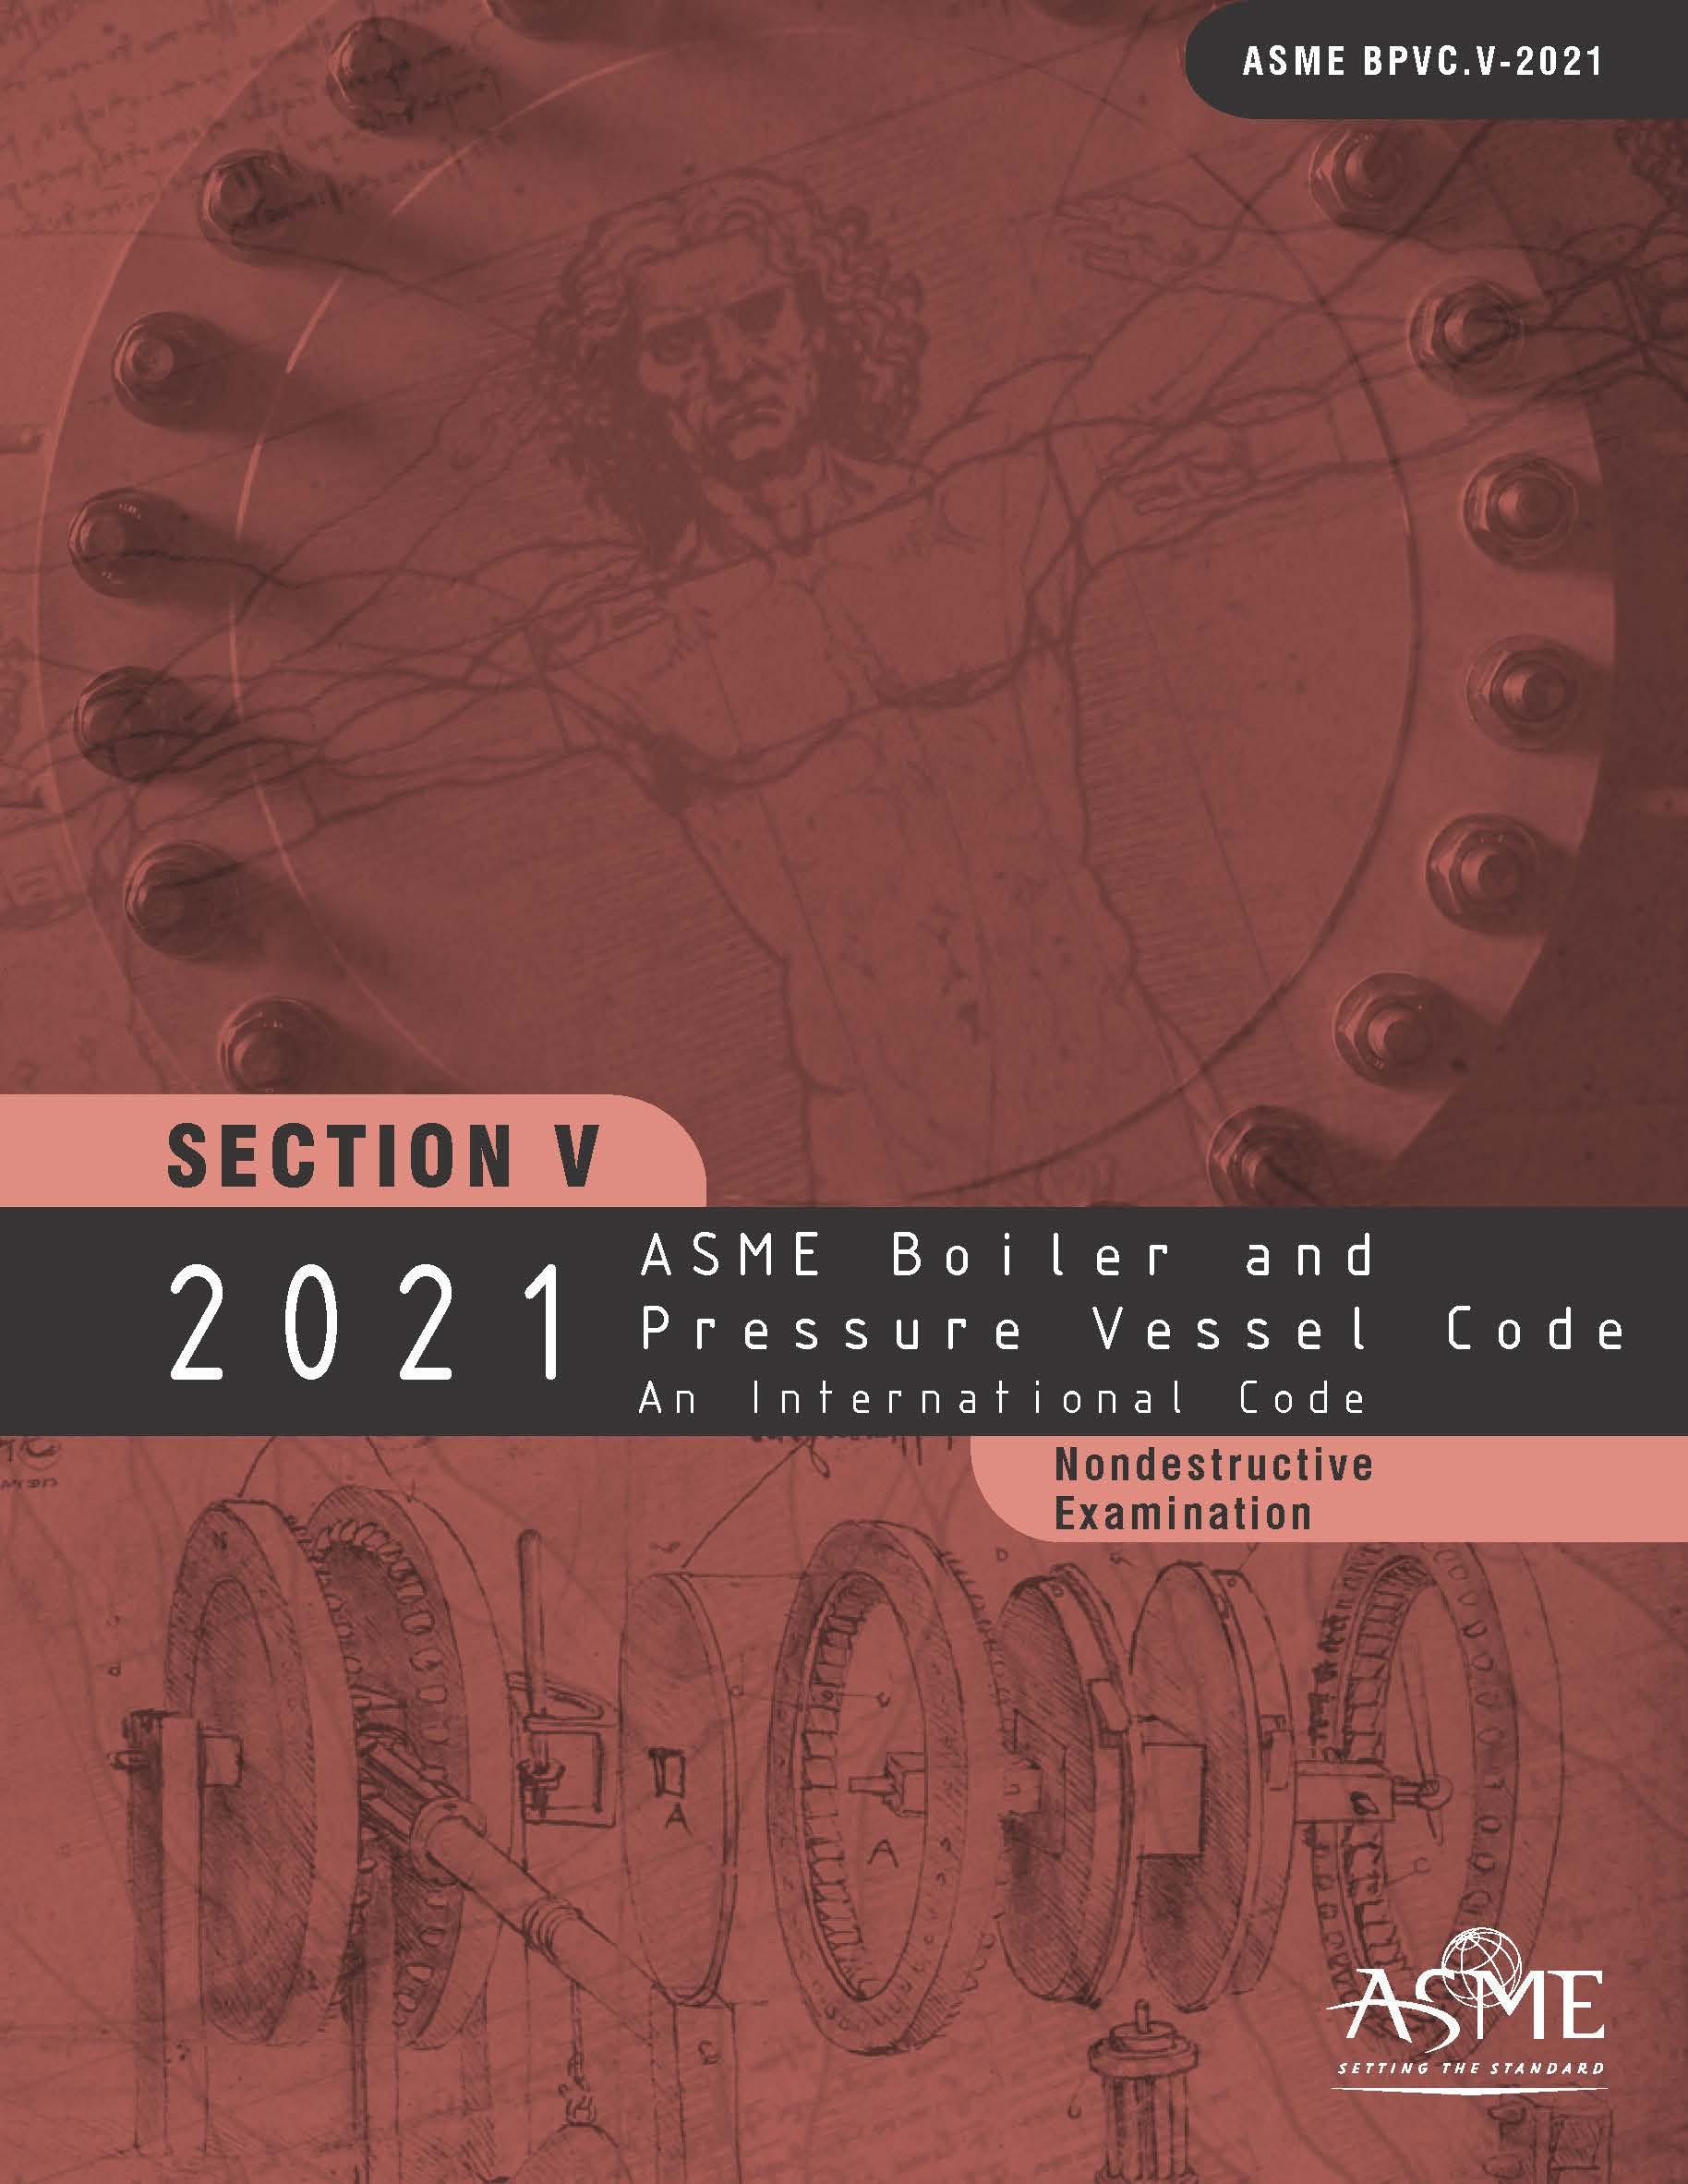 ASME BPVC Section V